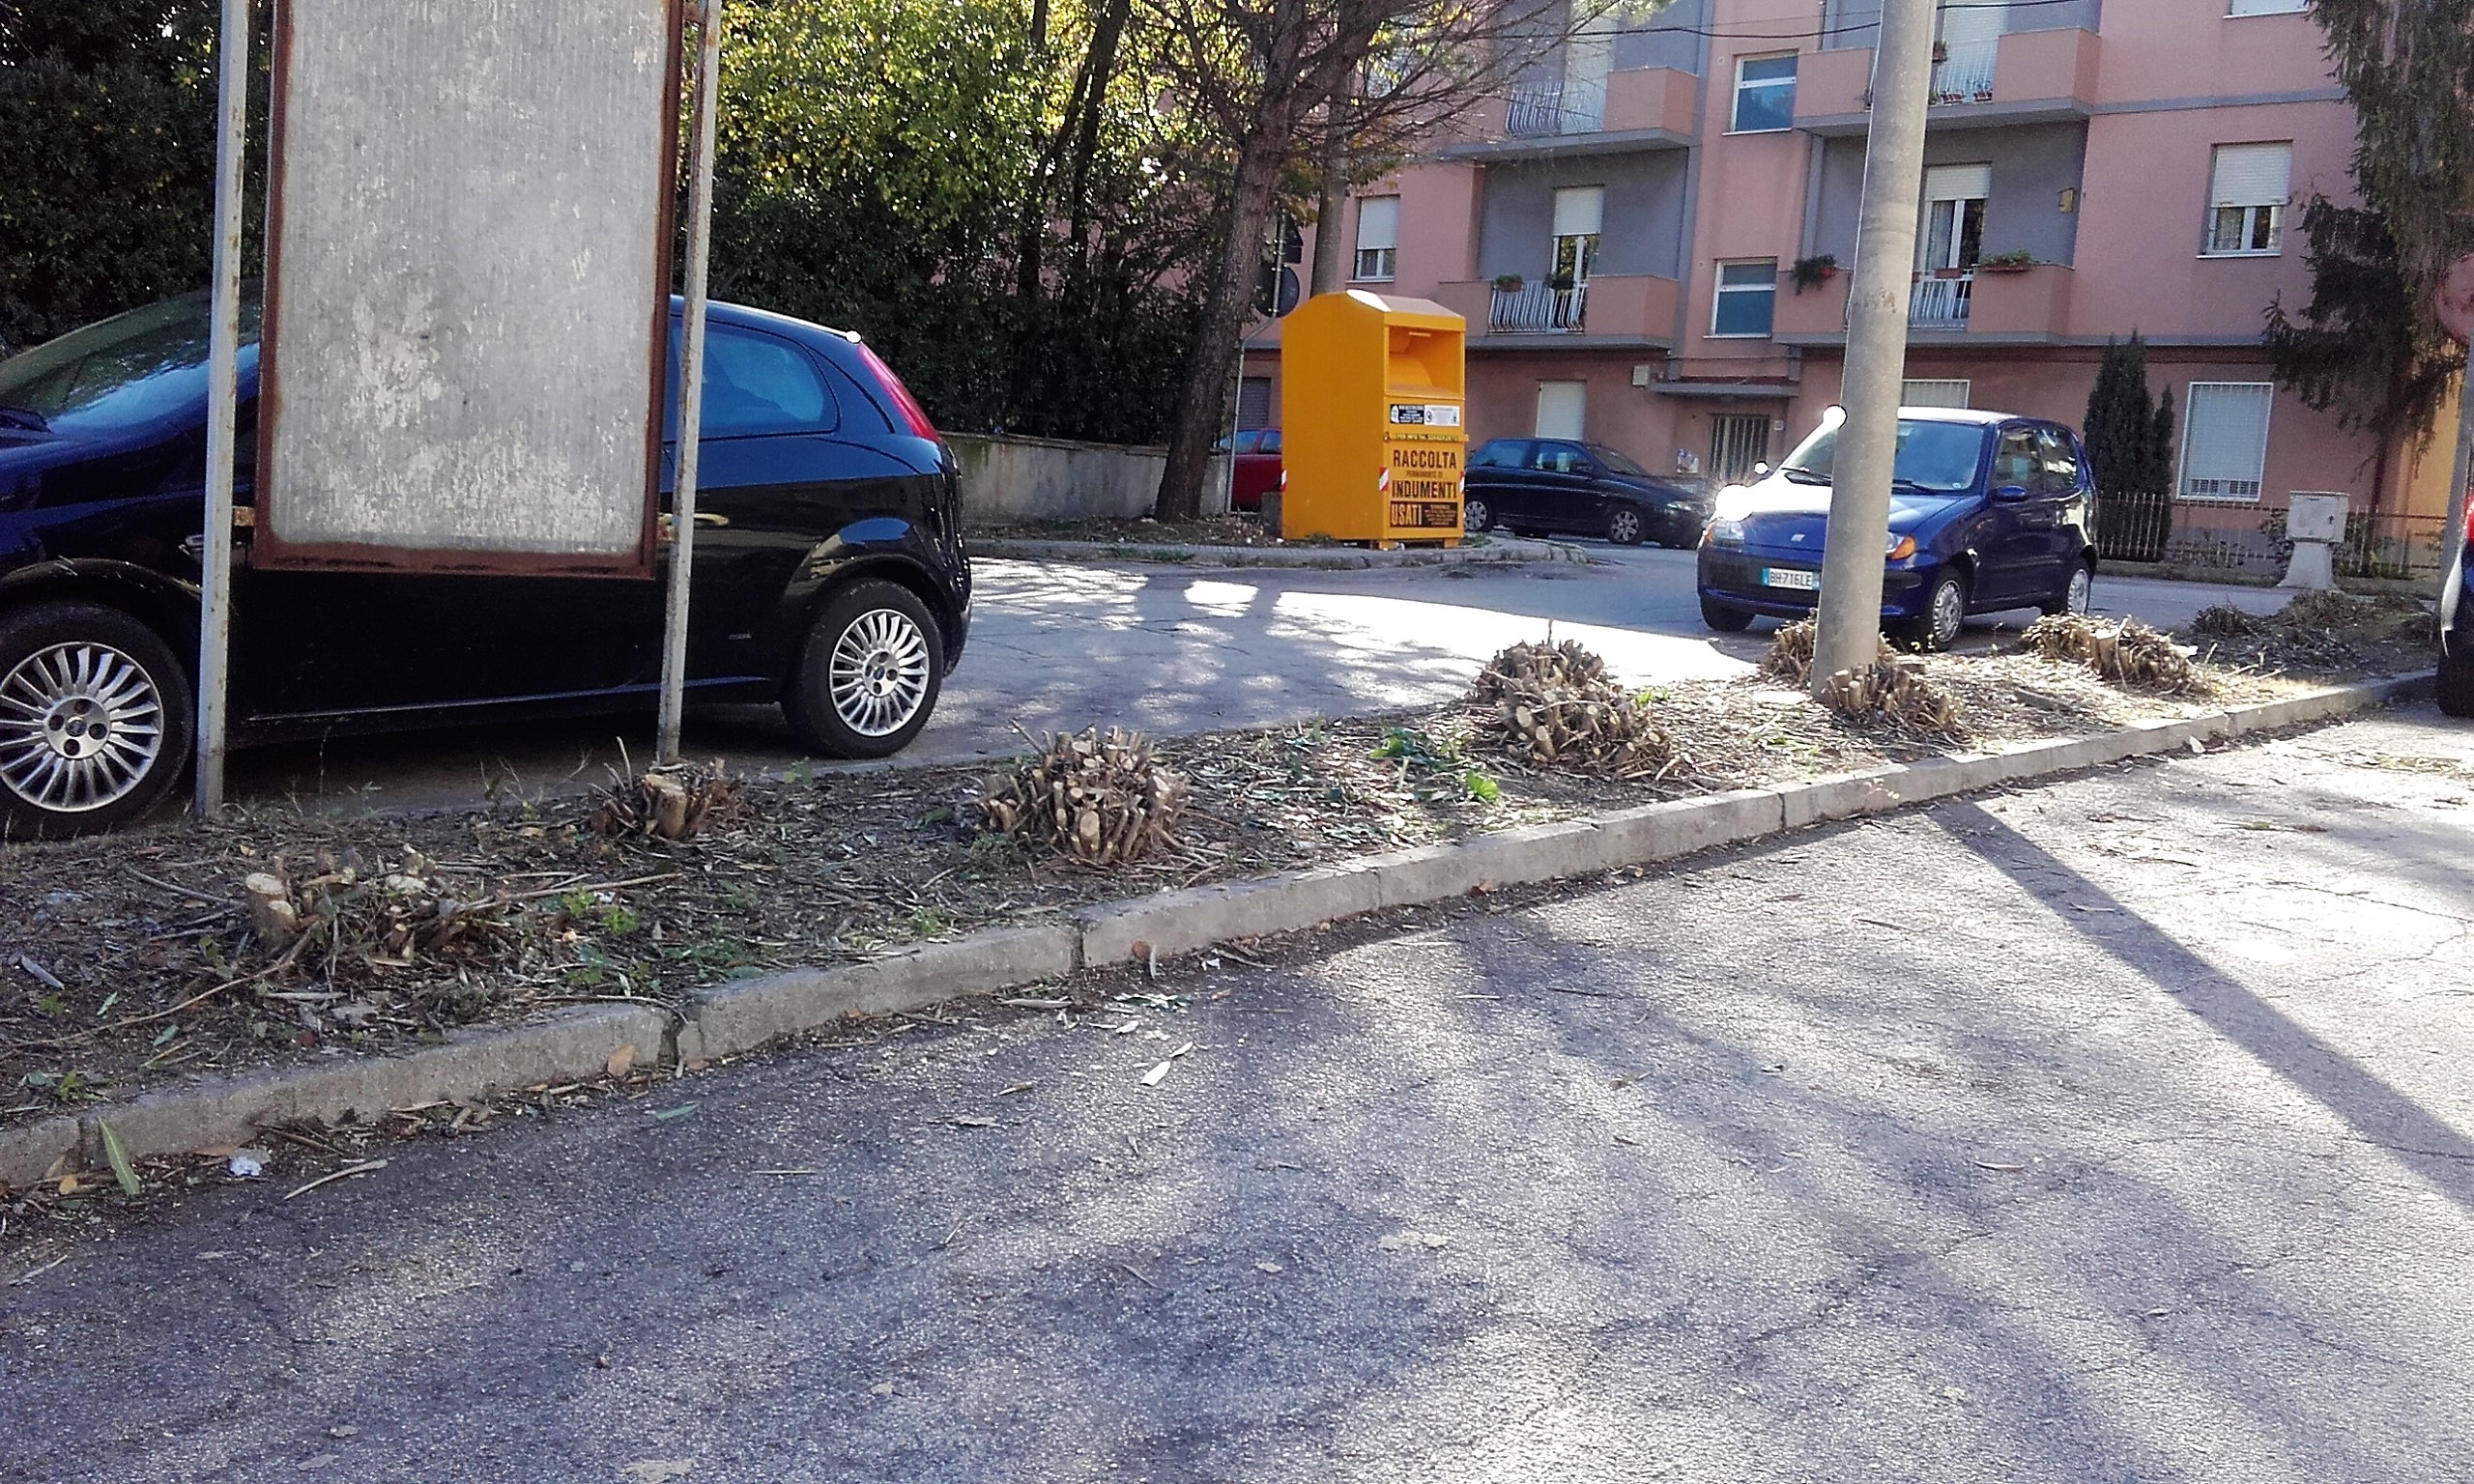 Ufficio Verde Ancona : Ancona operazione decoro in città in vista delle prossime